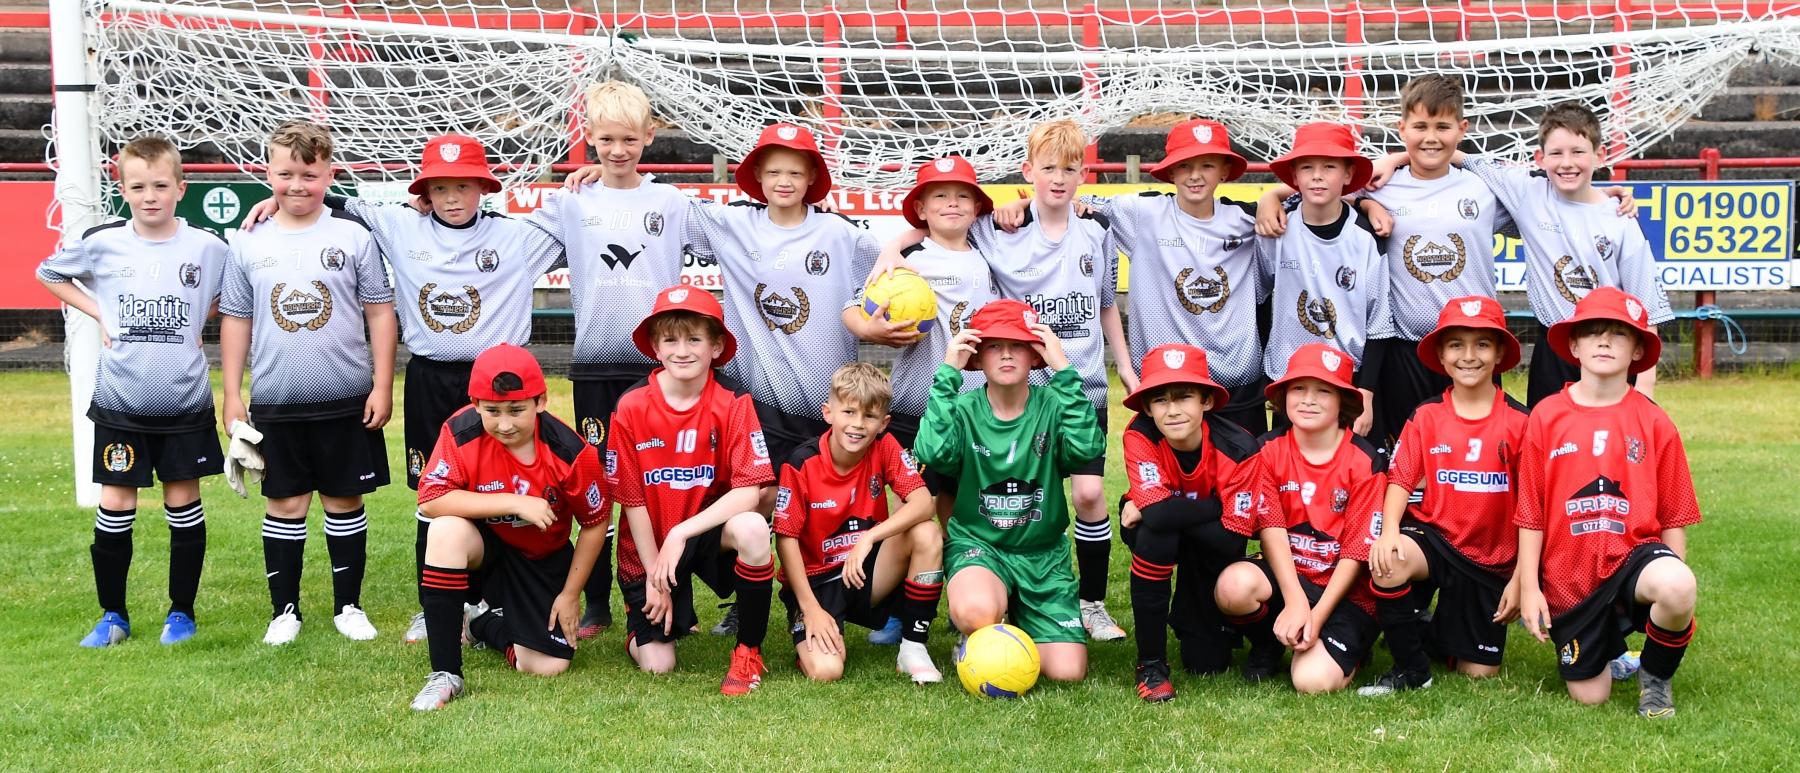 Reds Festival of Football - Junior Team